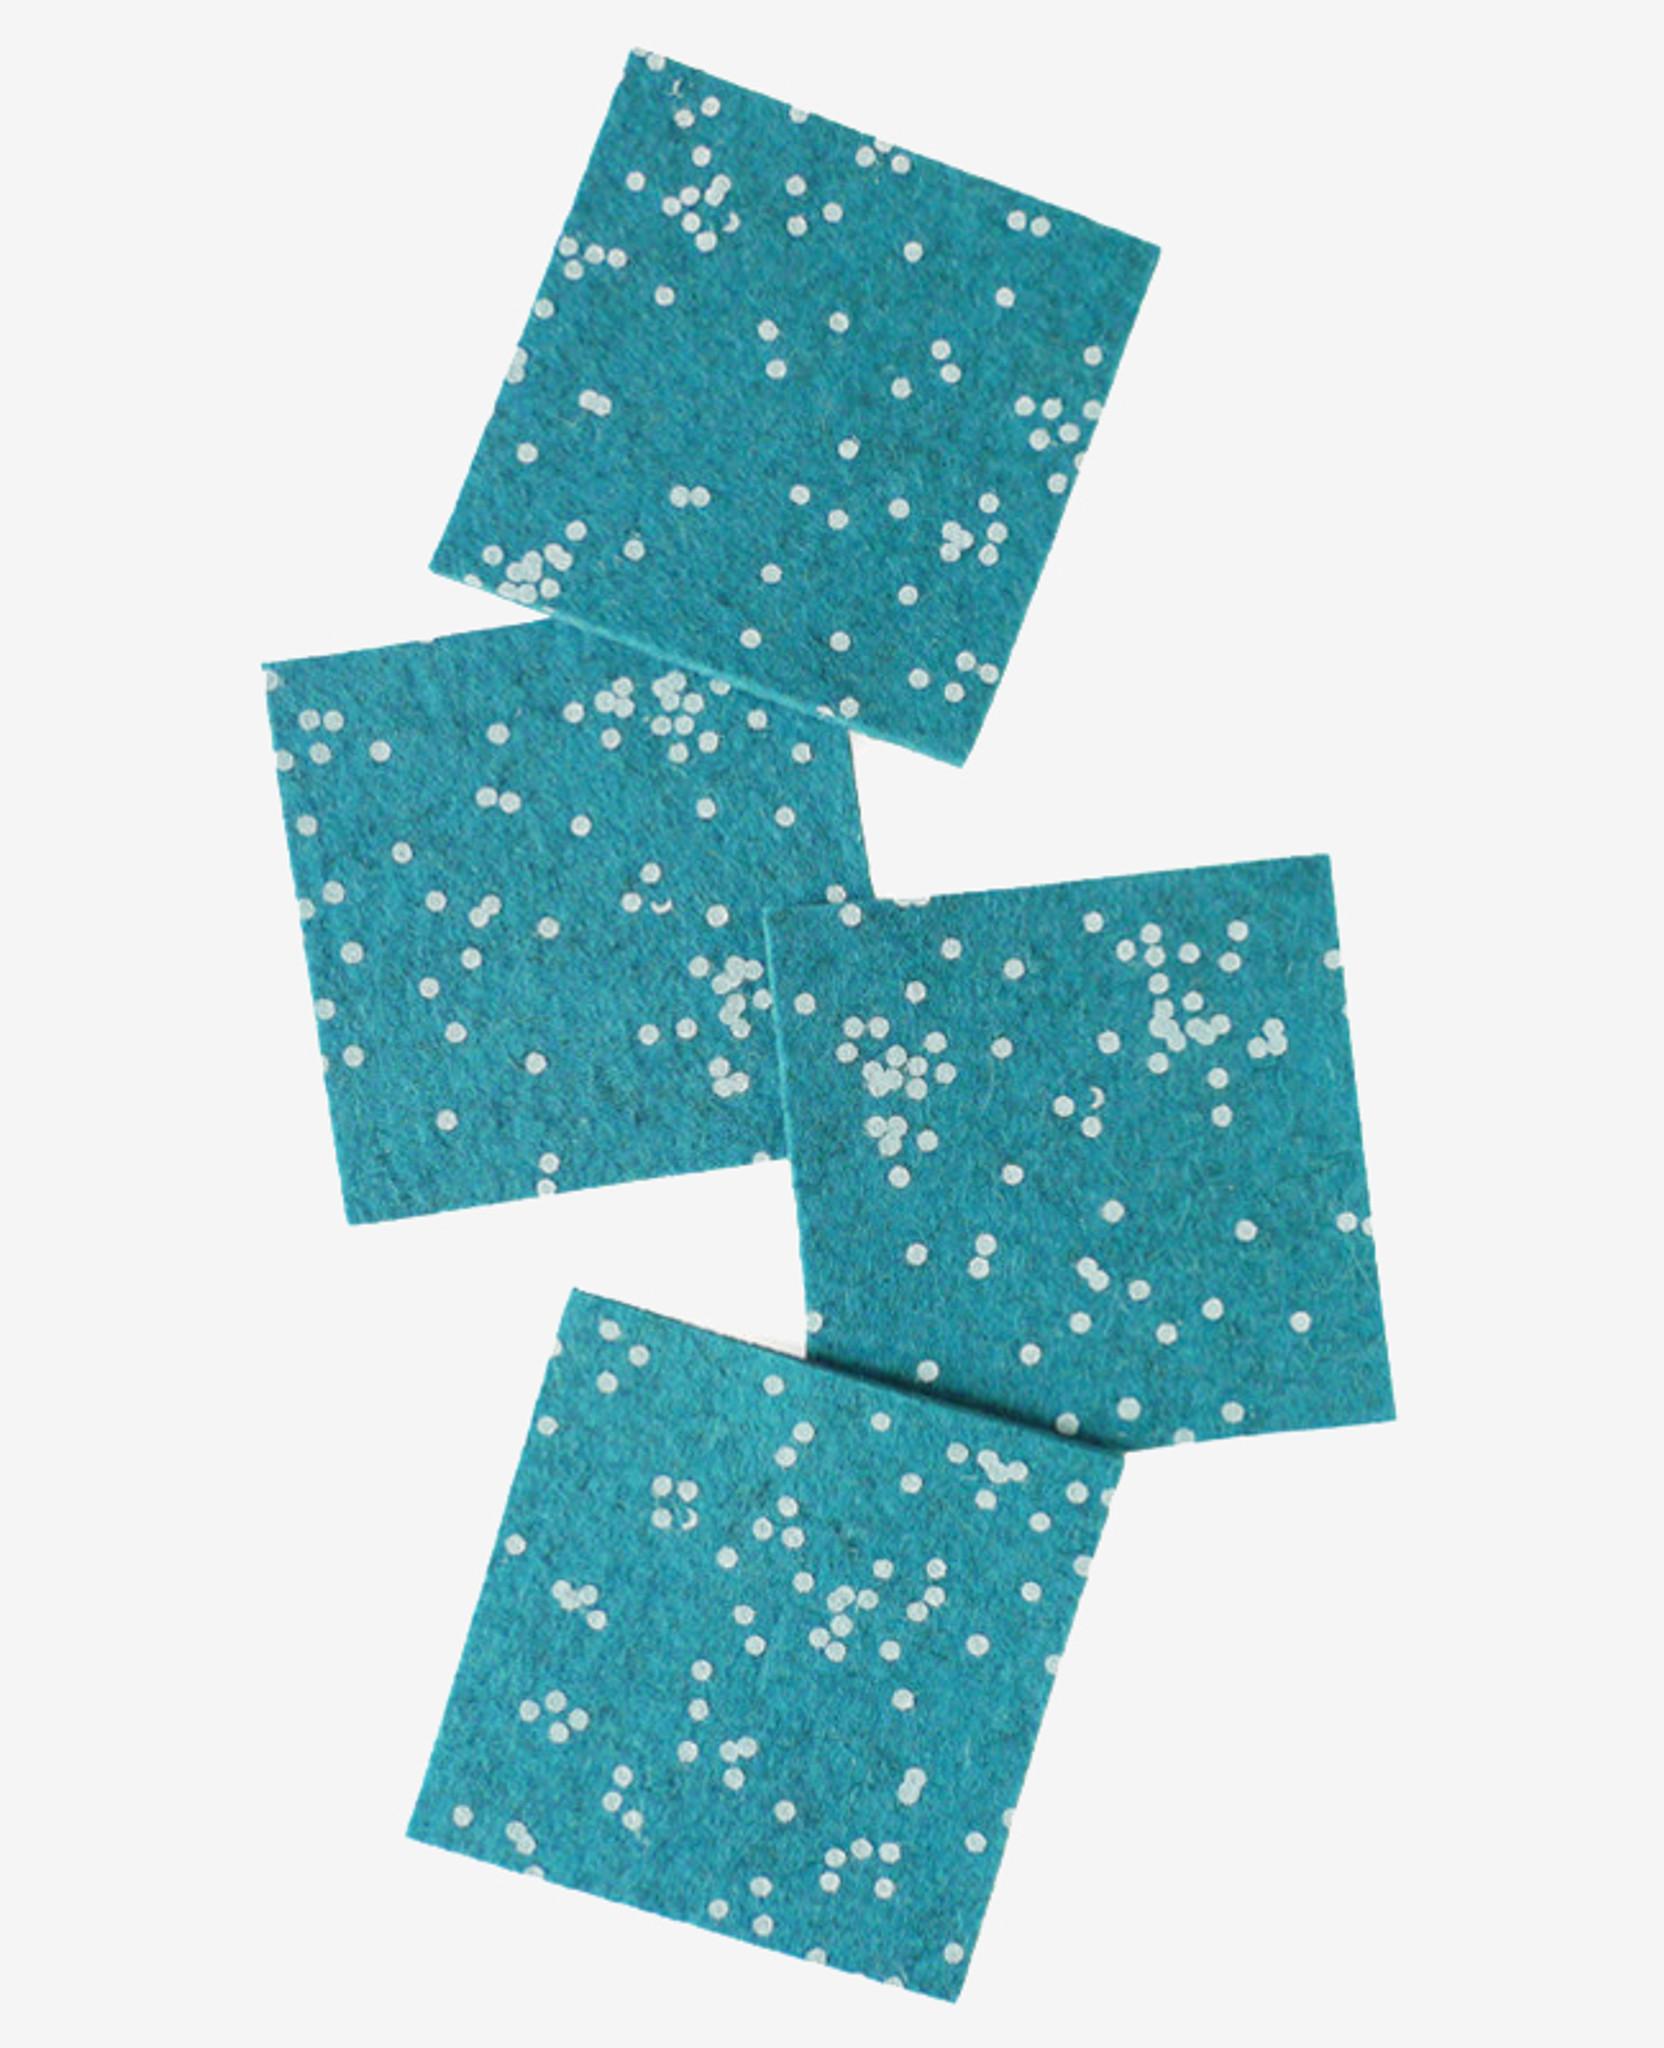 Lagune Confetti Coasters